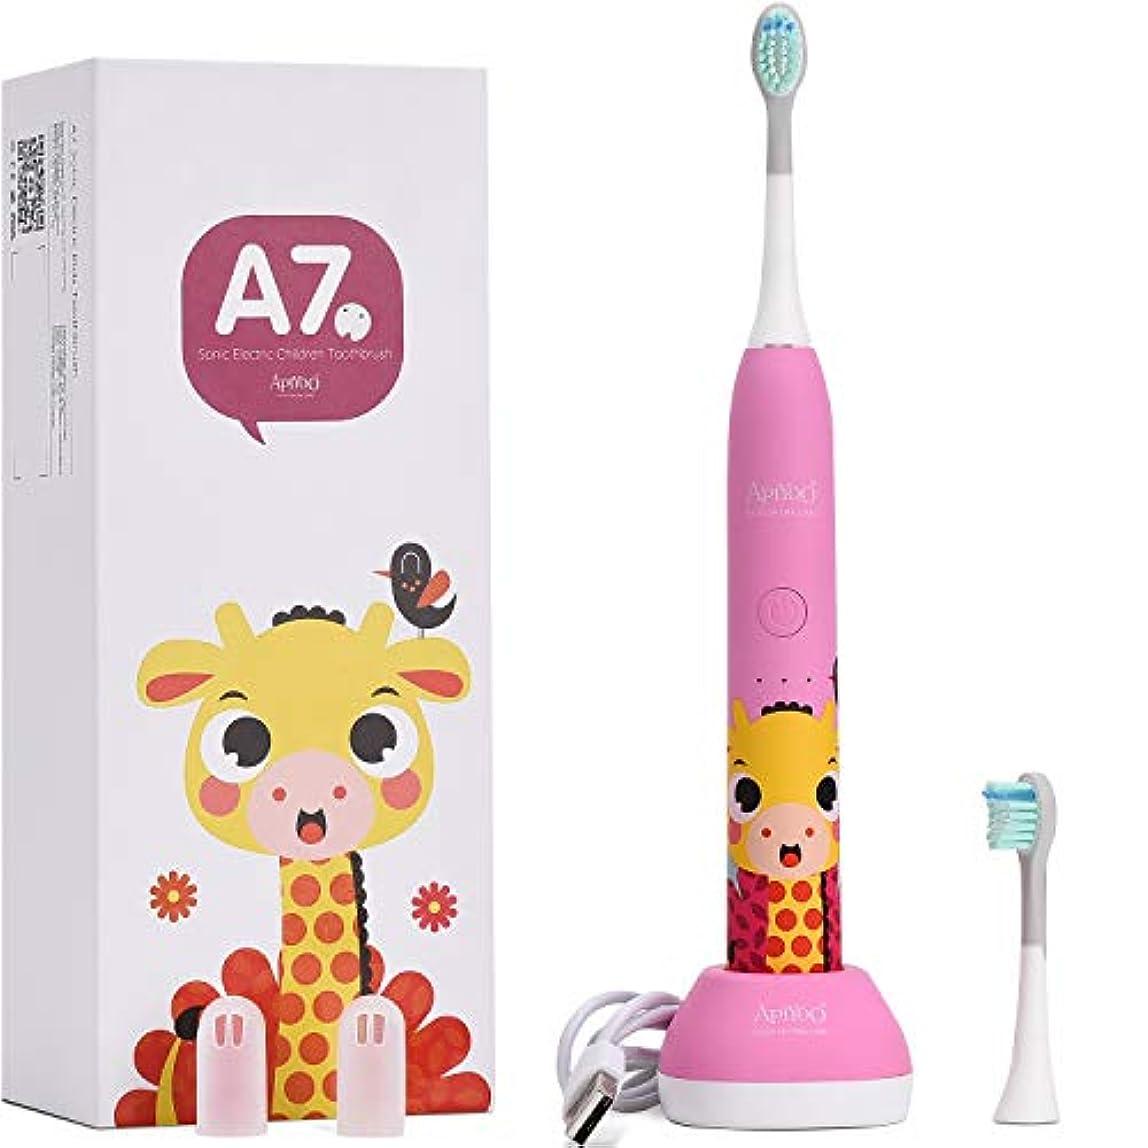 再開アパート倒錯子供用歯ブラシ、APIYOO A7ワイヤレス充電式電動歯ブラシ、IPX7防水、三種類ブラッシングモード、子供に対応の2分間スマートタイマー機能付き(ピンク)